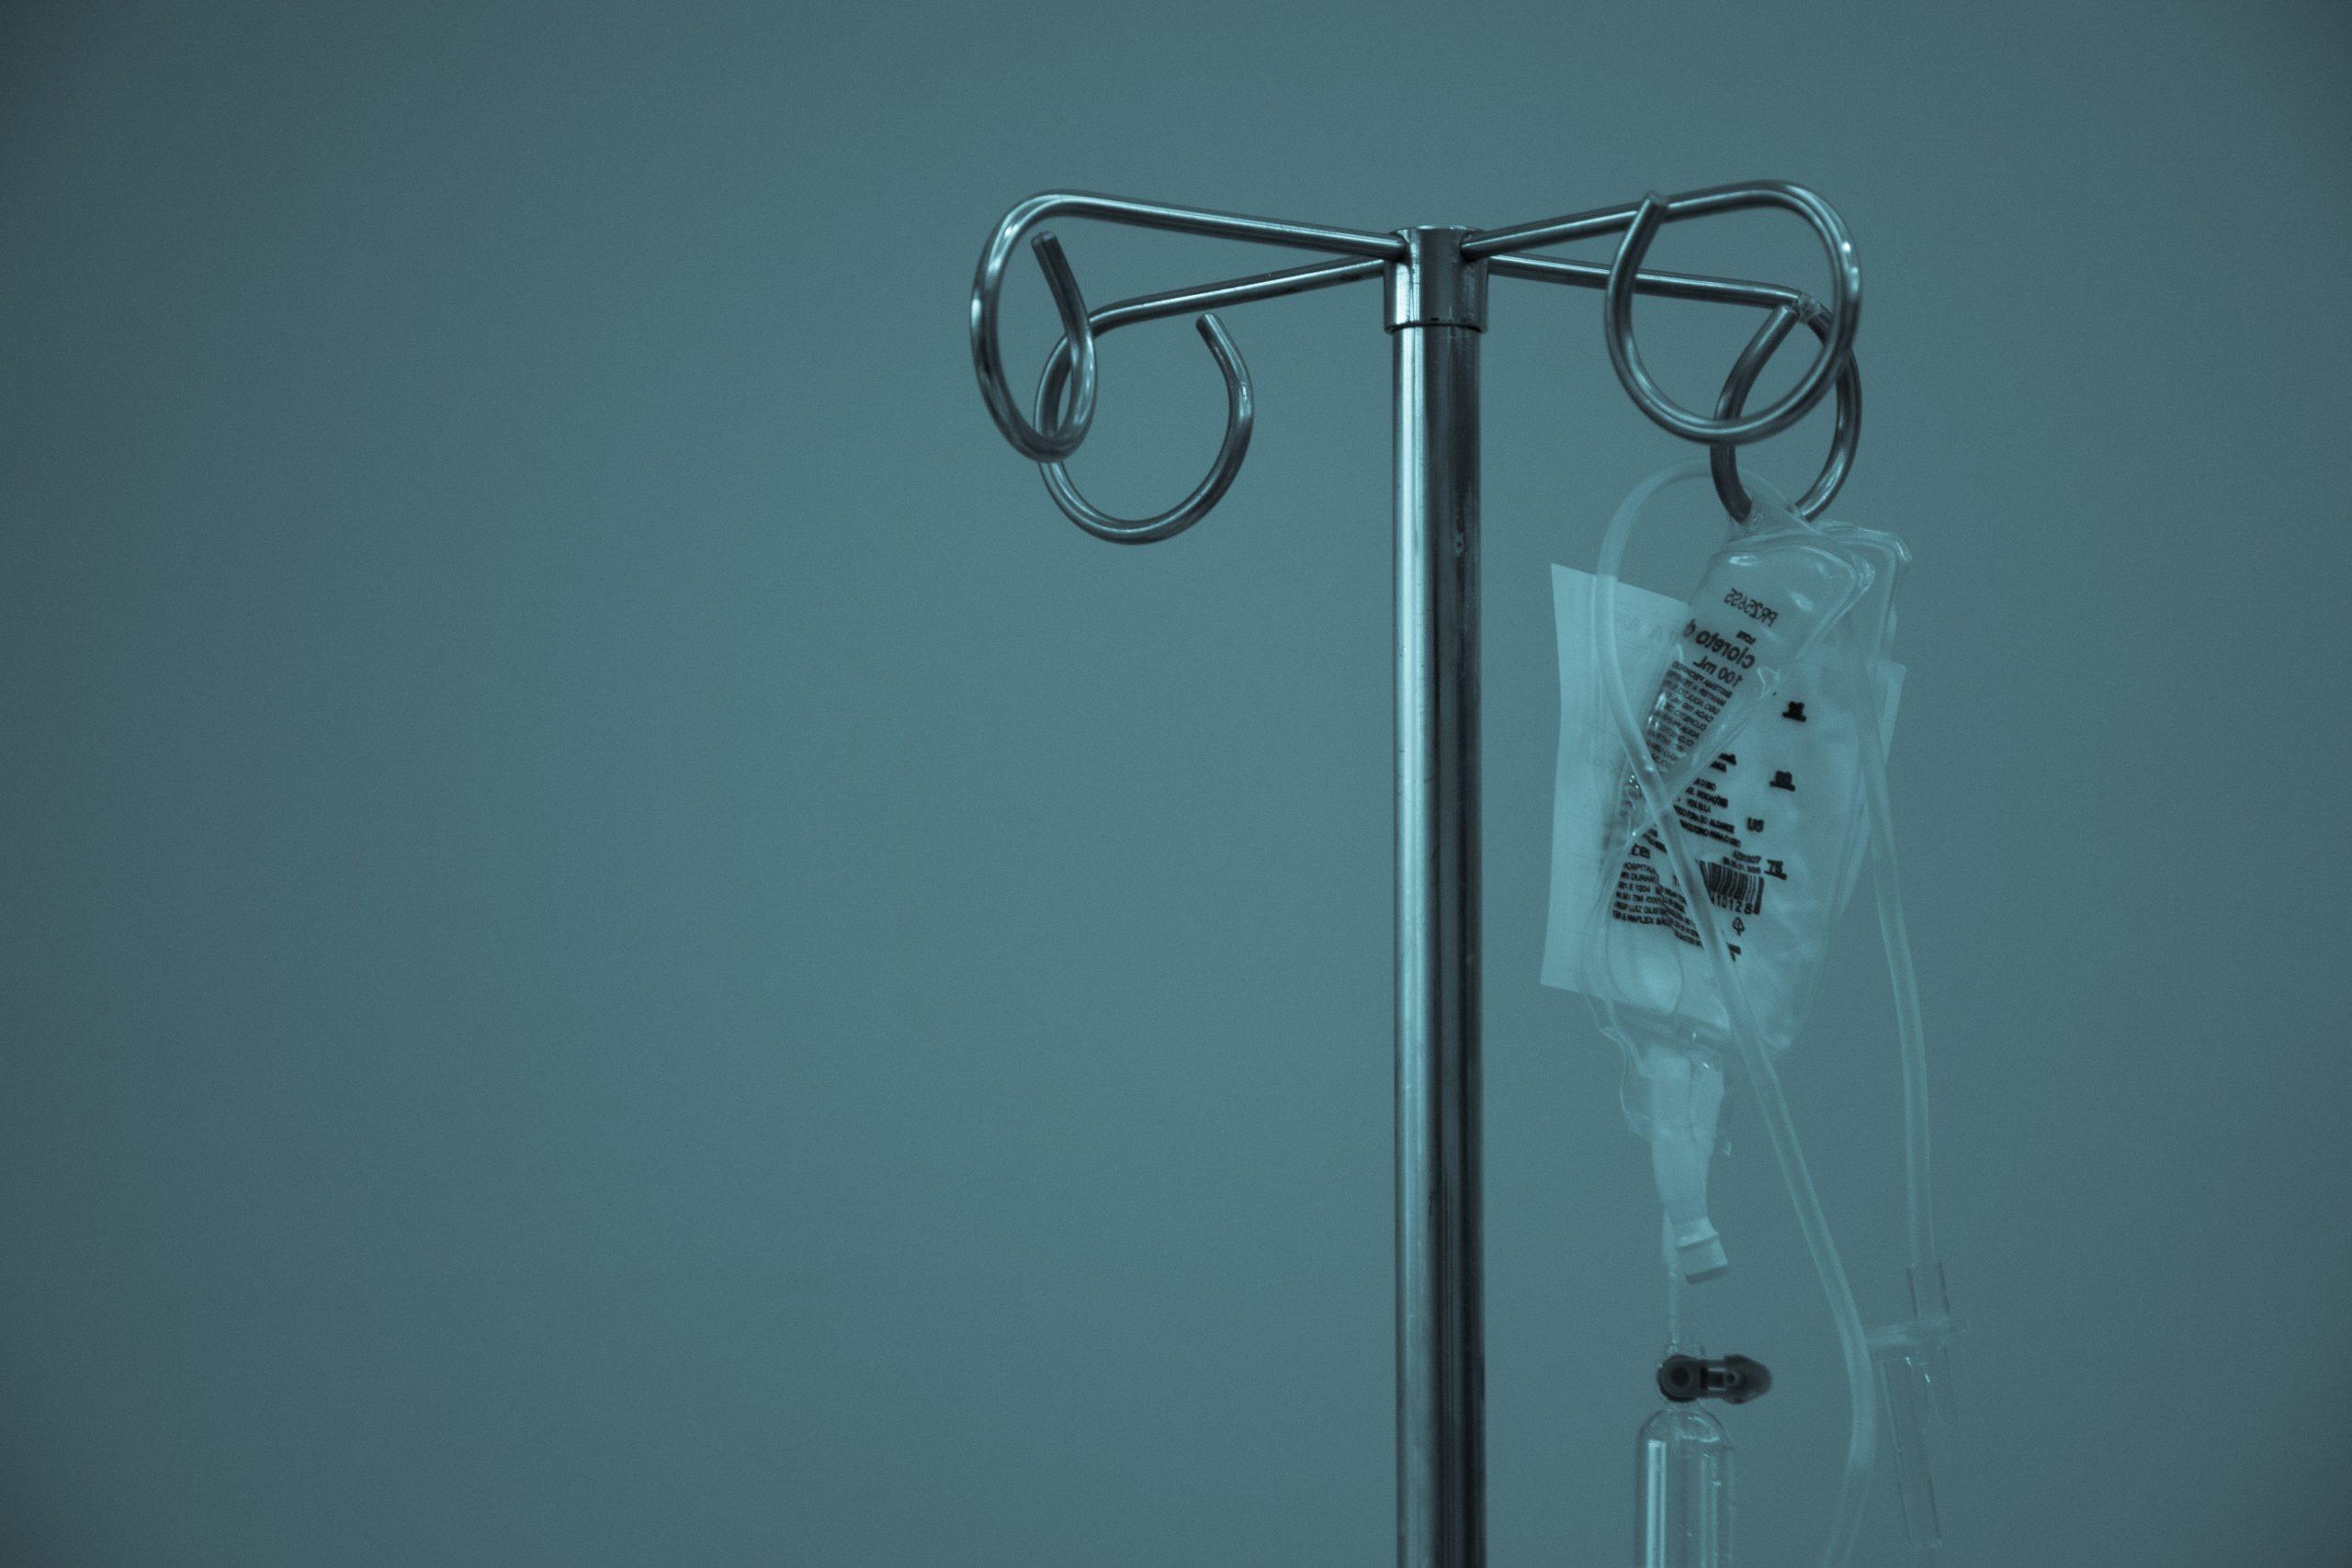 Situație de criză la Spitalul Fundeni. Un bărbat s-a aruncat de la geamul unui salon. N-a mai putut fi salvat